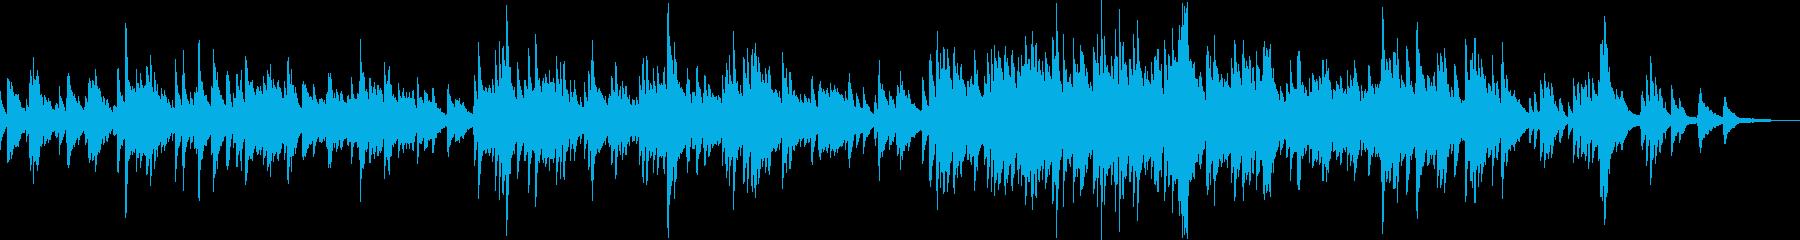 安らぎの光(ピアノ・バラード・優しい)の再生済みの波形